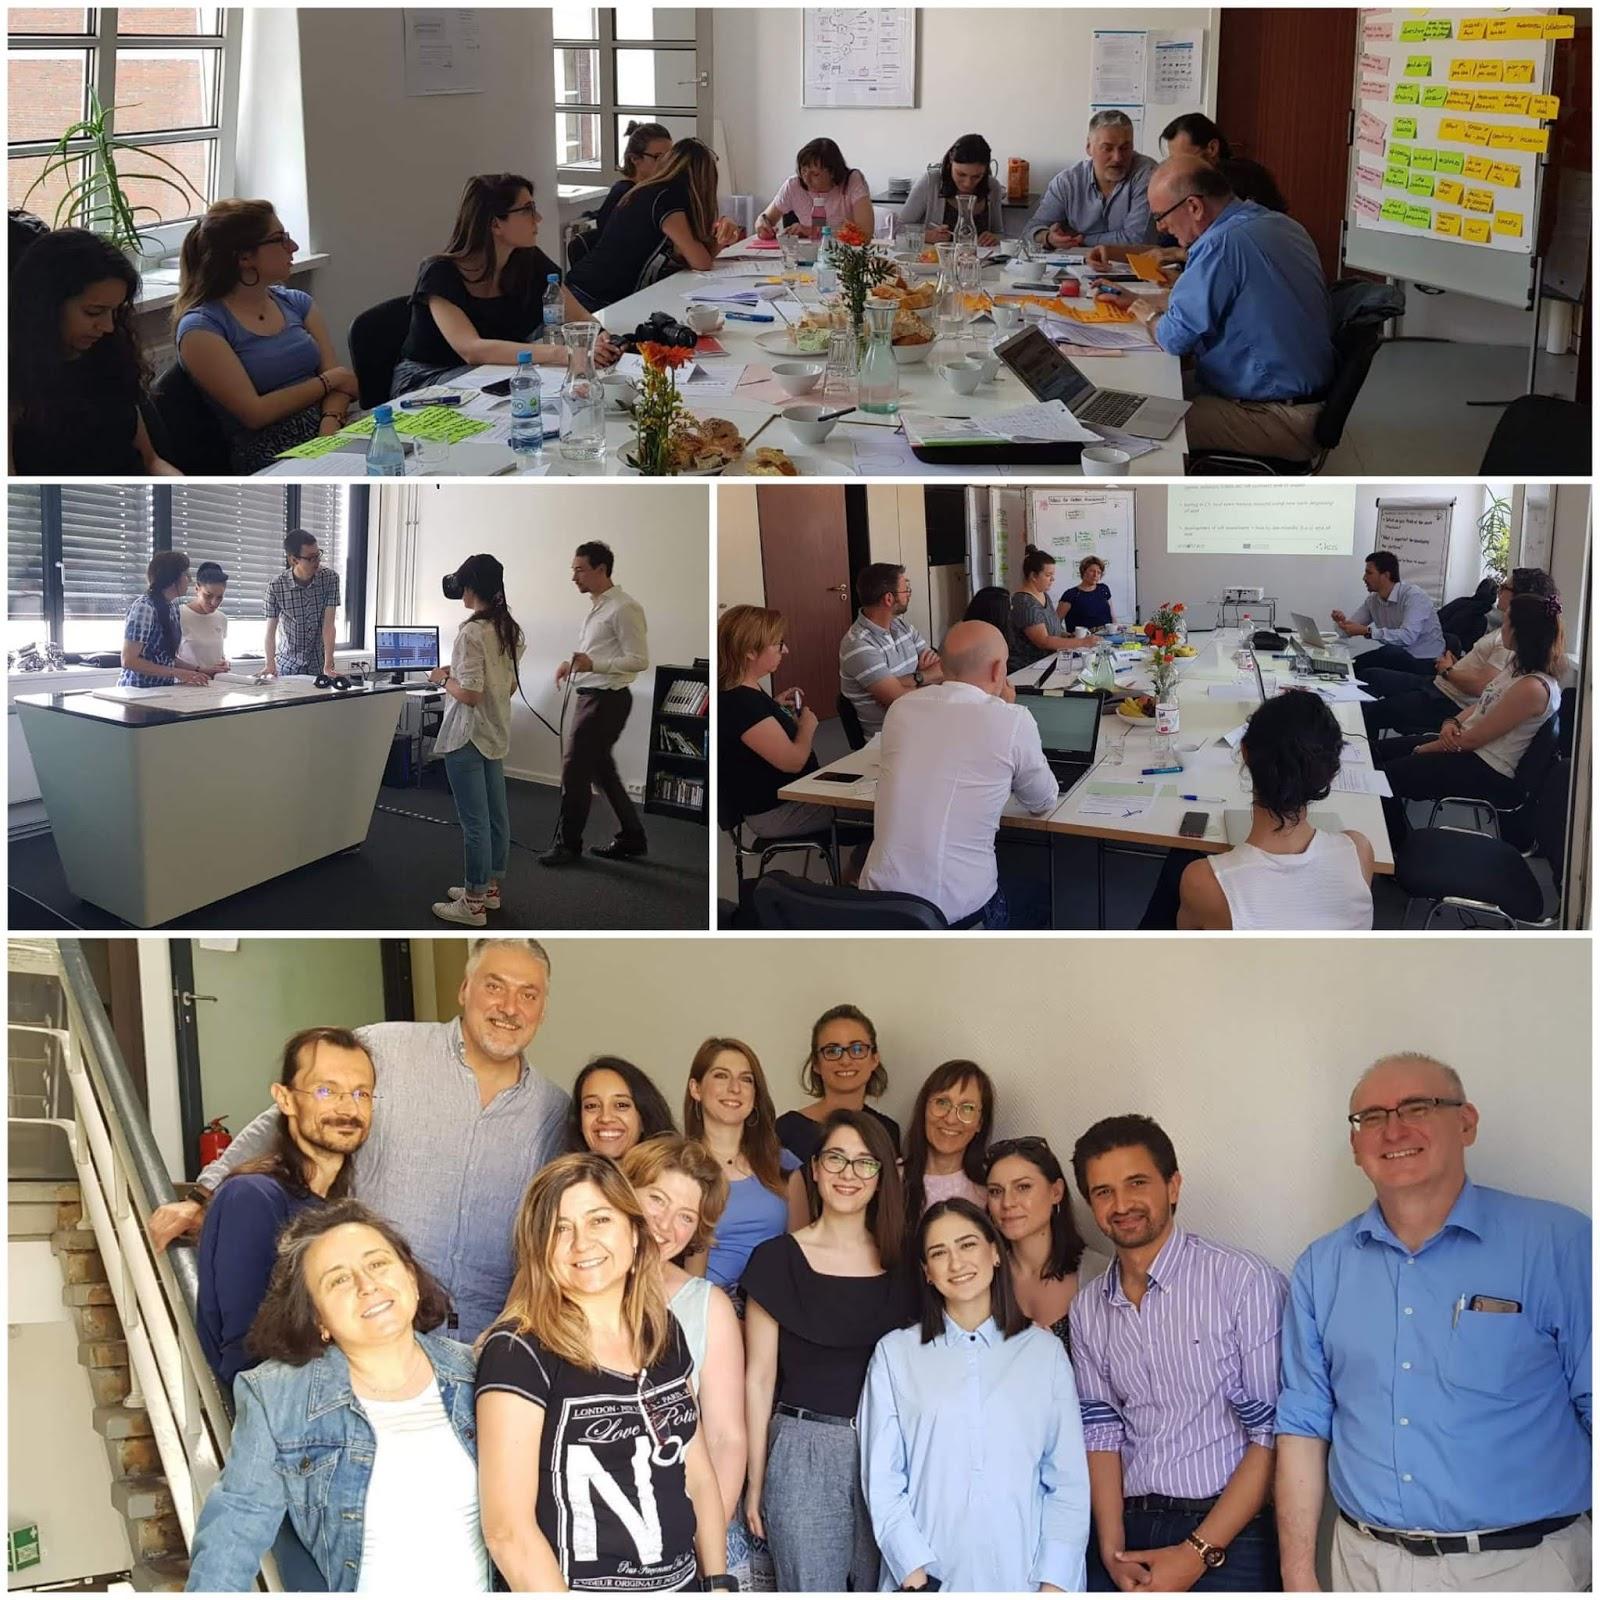 Σε συνάντηση εργασίας ο ΣΘΕΒ στο Βερολίνο στο πλαίσιο του Innotrain Erasmus+